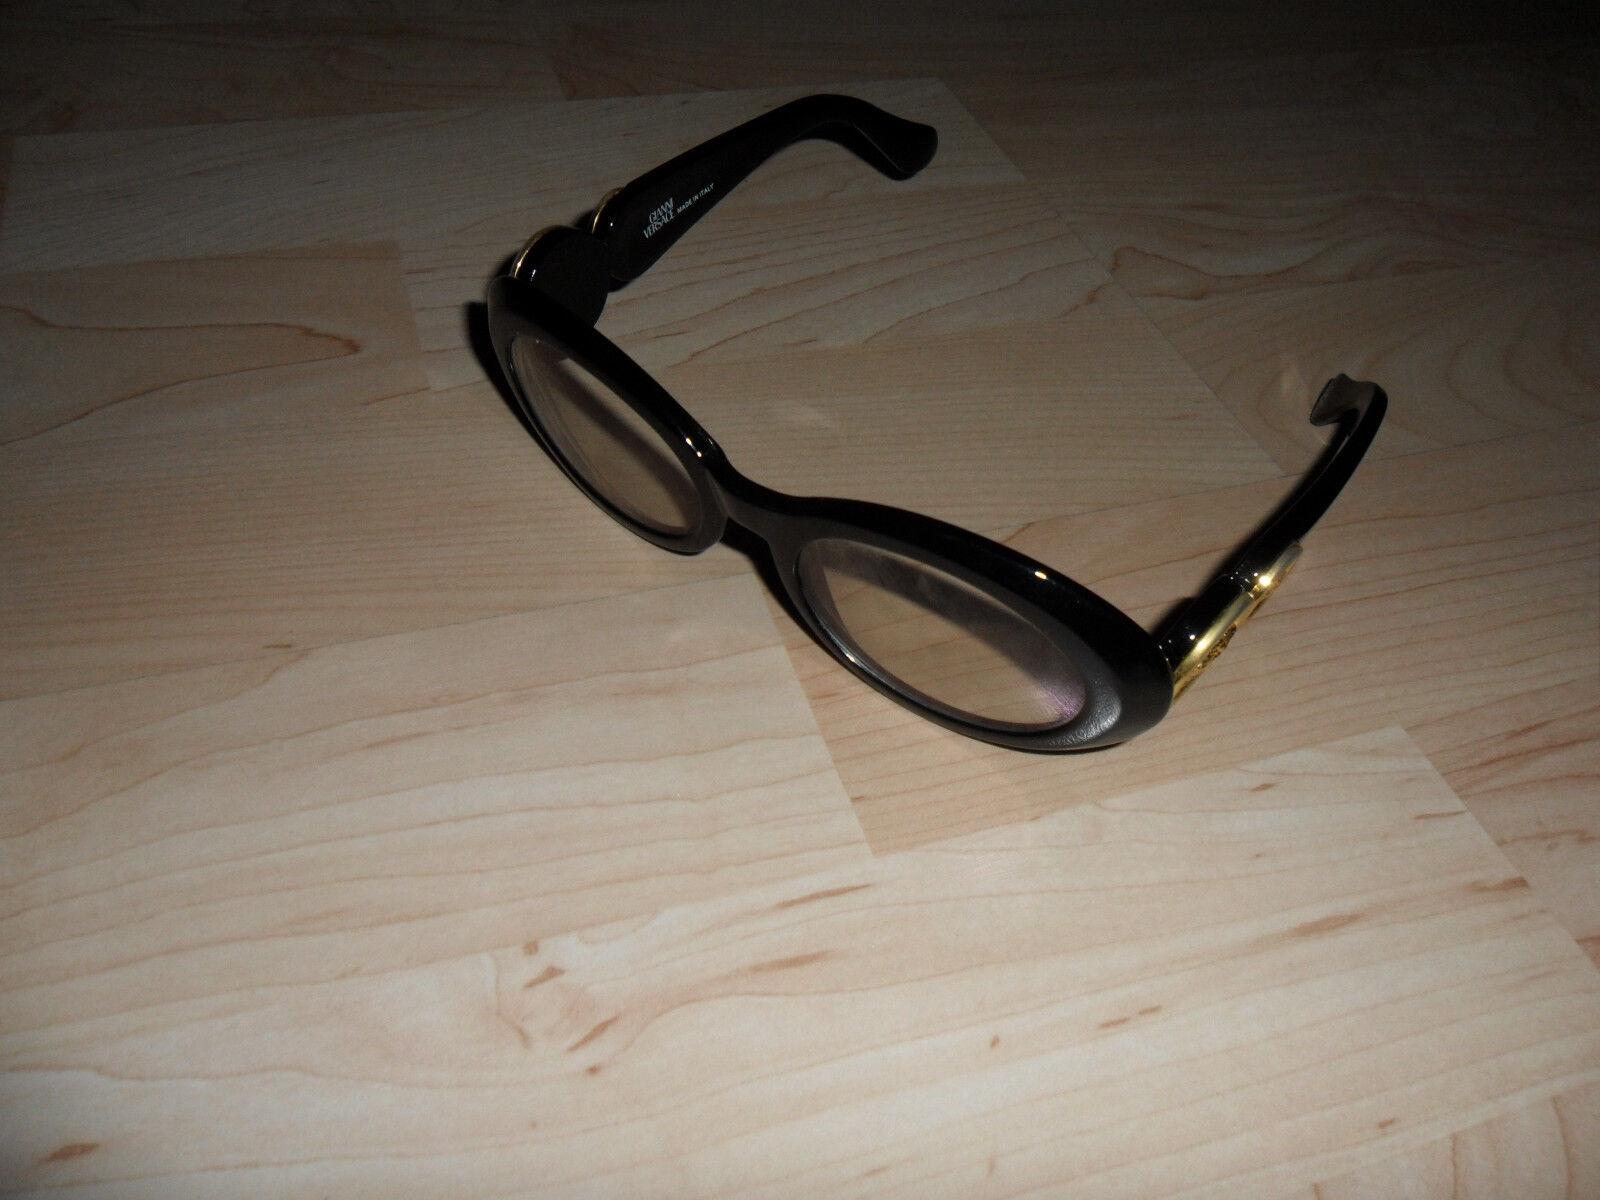 Damen - Brille von VERSACE, schwarz, MOD. 527   | Marke  | Niedrige Kosten  | Gewinnen Sie das Lob der Kunden